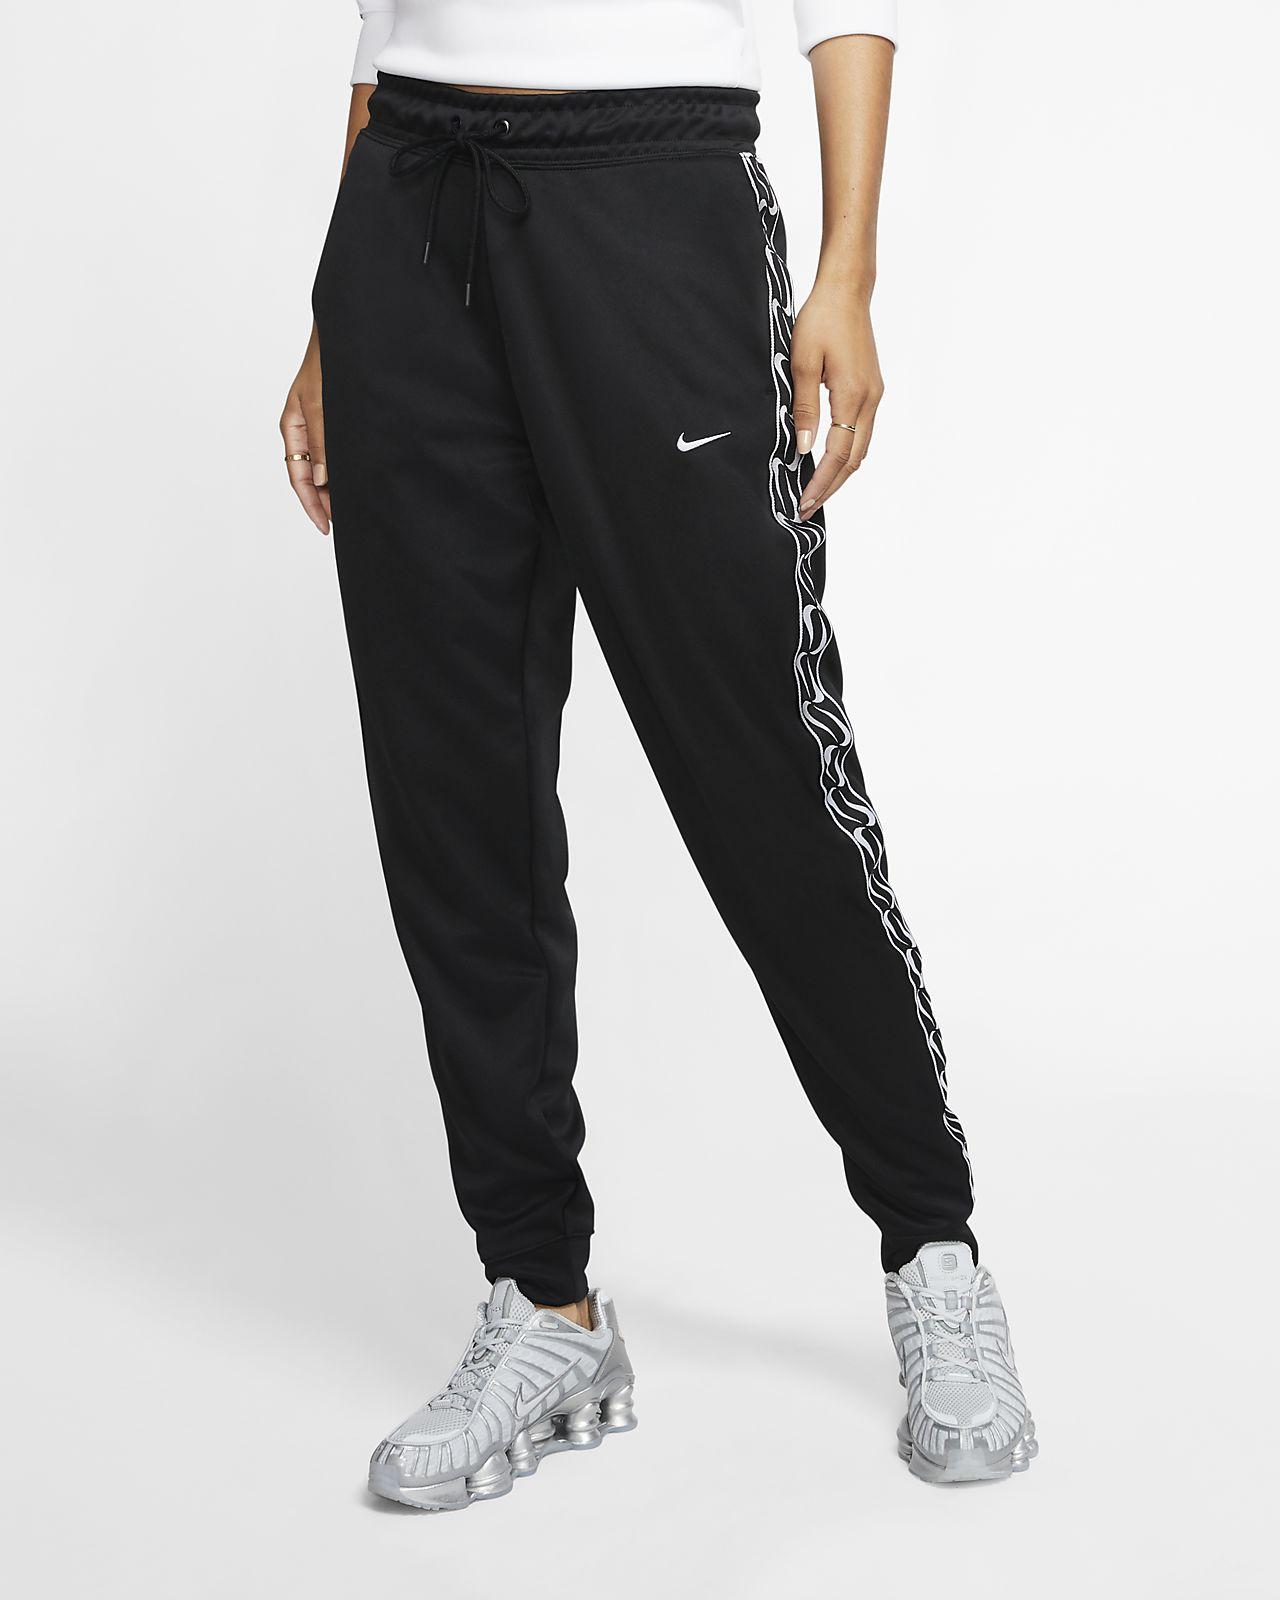 Dámské běžecké kalhoty Nike Sportswear s logem